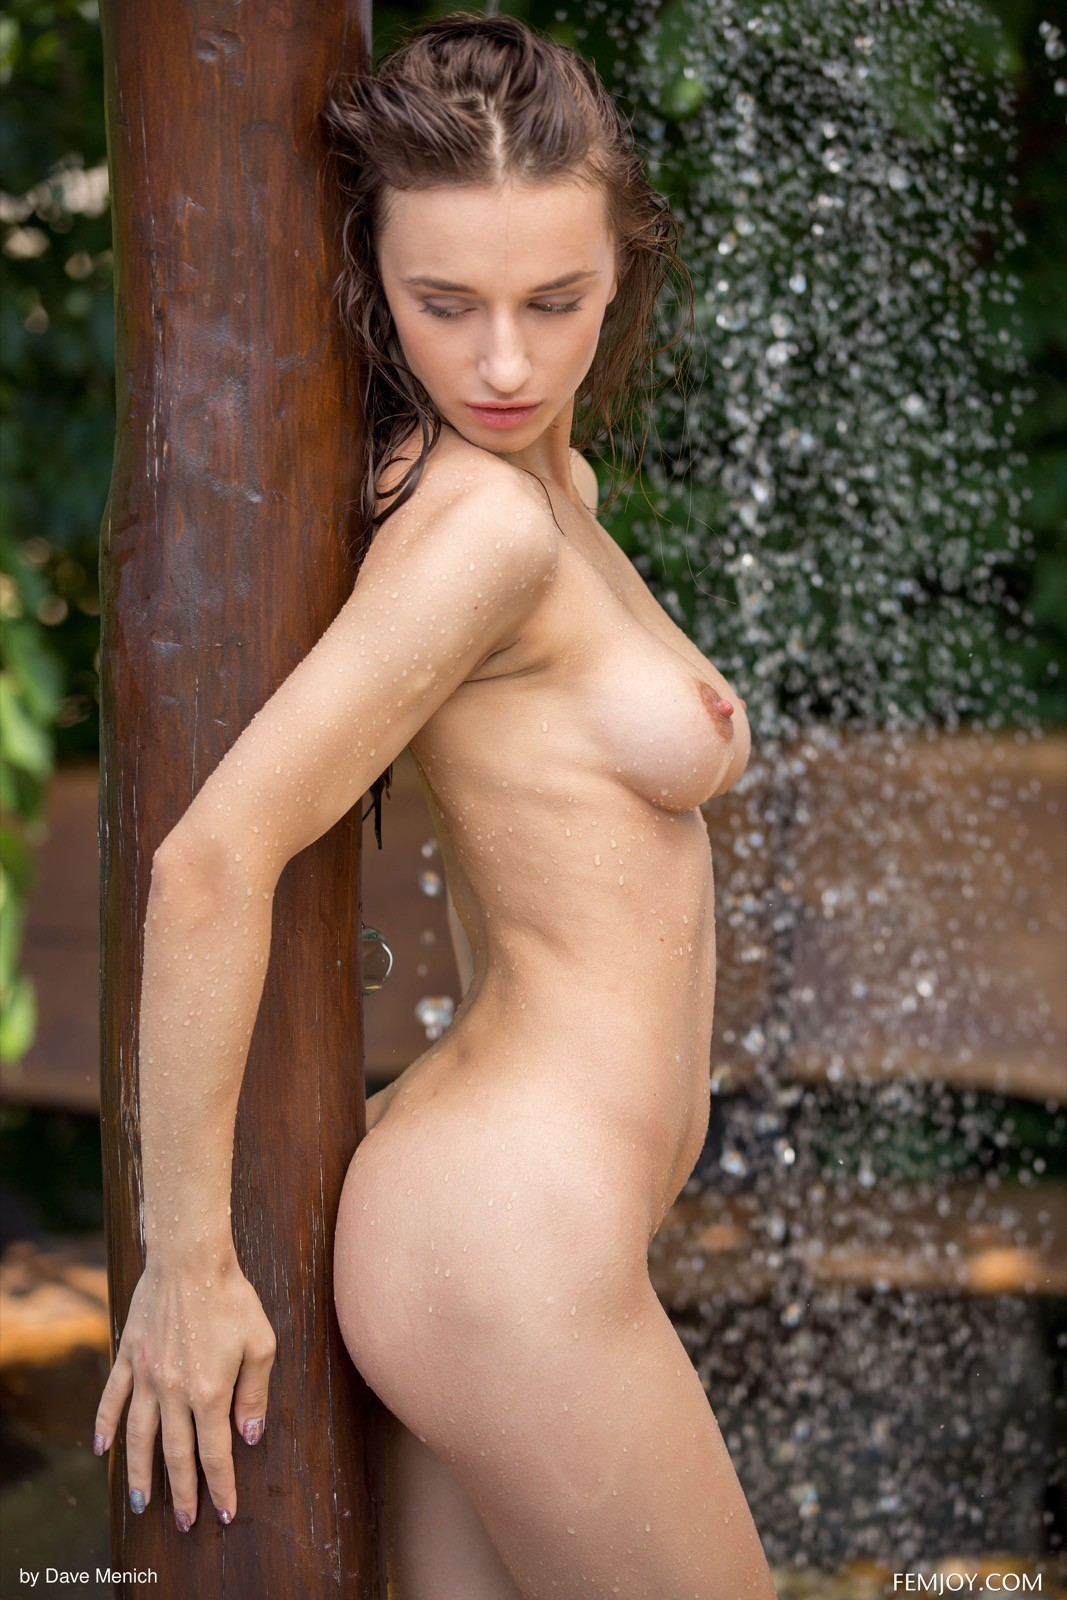 Мокрая модель с красивой грудью - фото